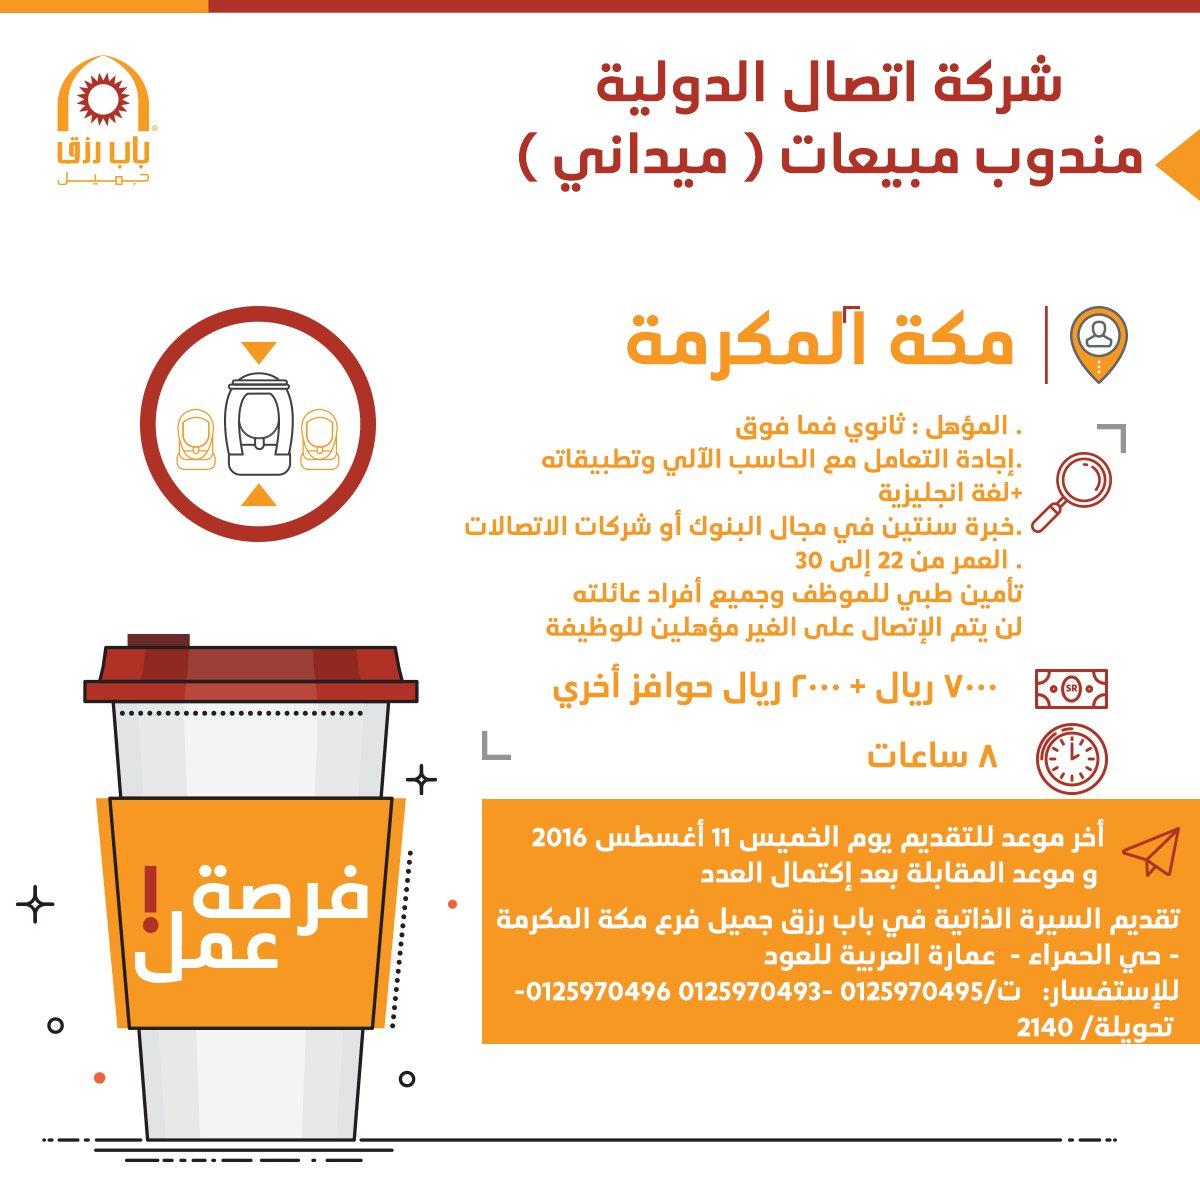 غدا الخميس التقديم على وظيفة مندوب مبيعات ميداني لشركة اتصال الدولية - مكة المكرمة